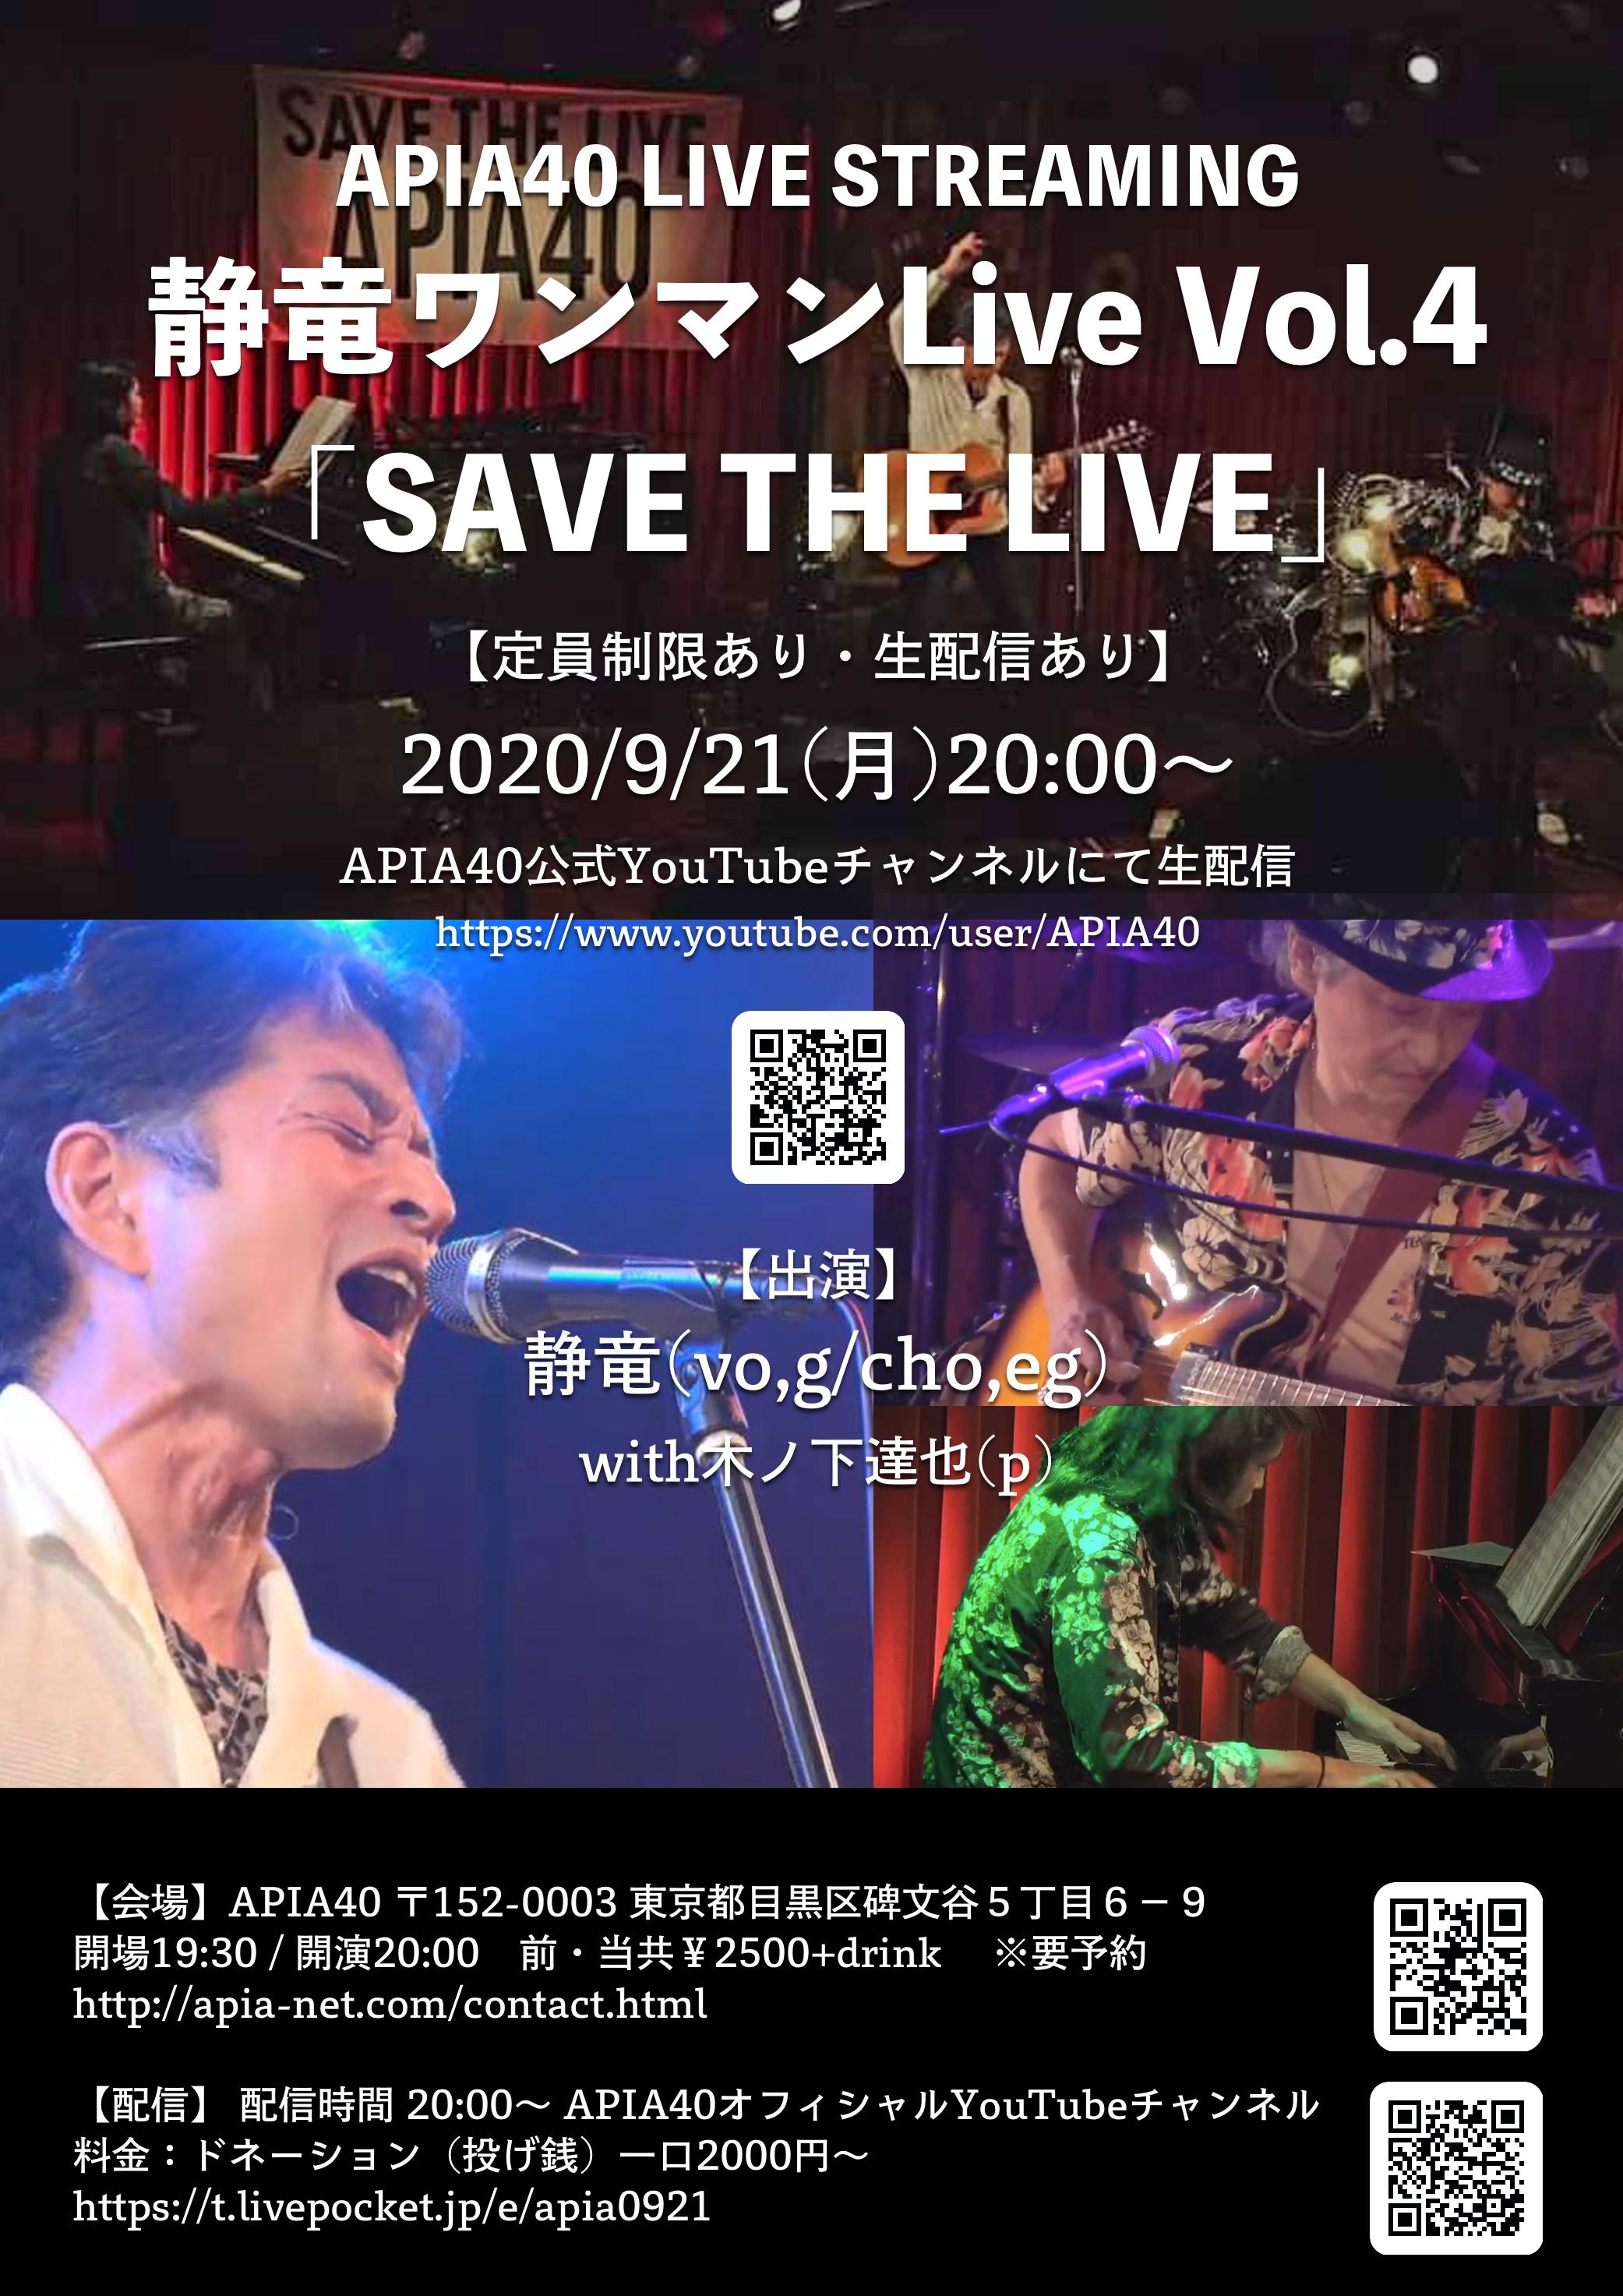 静竜ワンマンLive Vol.4 「SAVE THE LIVE」